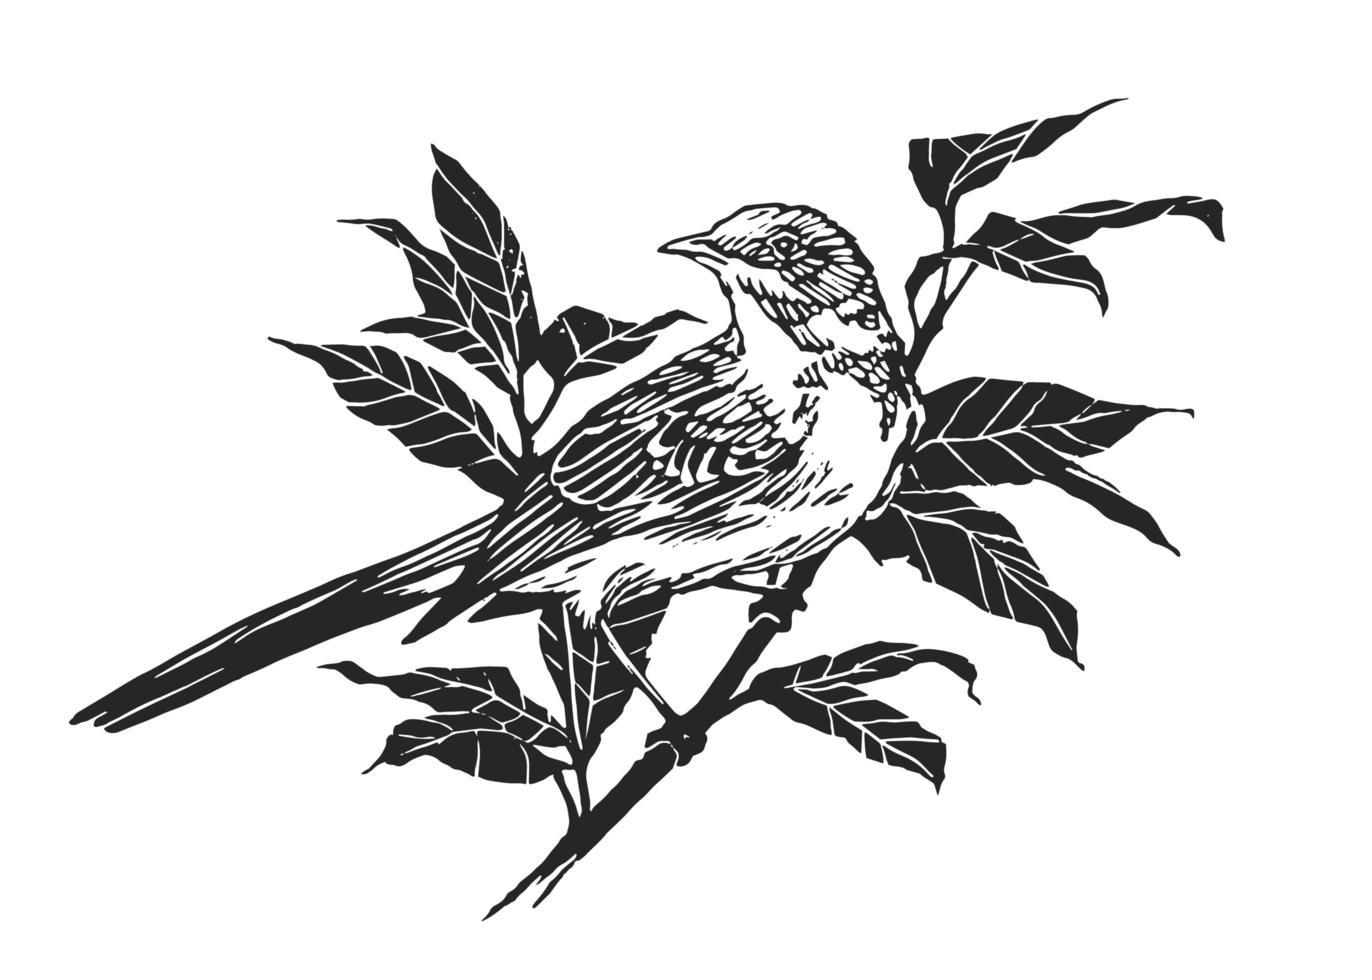 pássaro no ramo no estilo de linogravura vetor